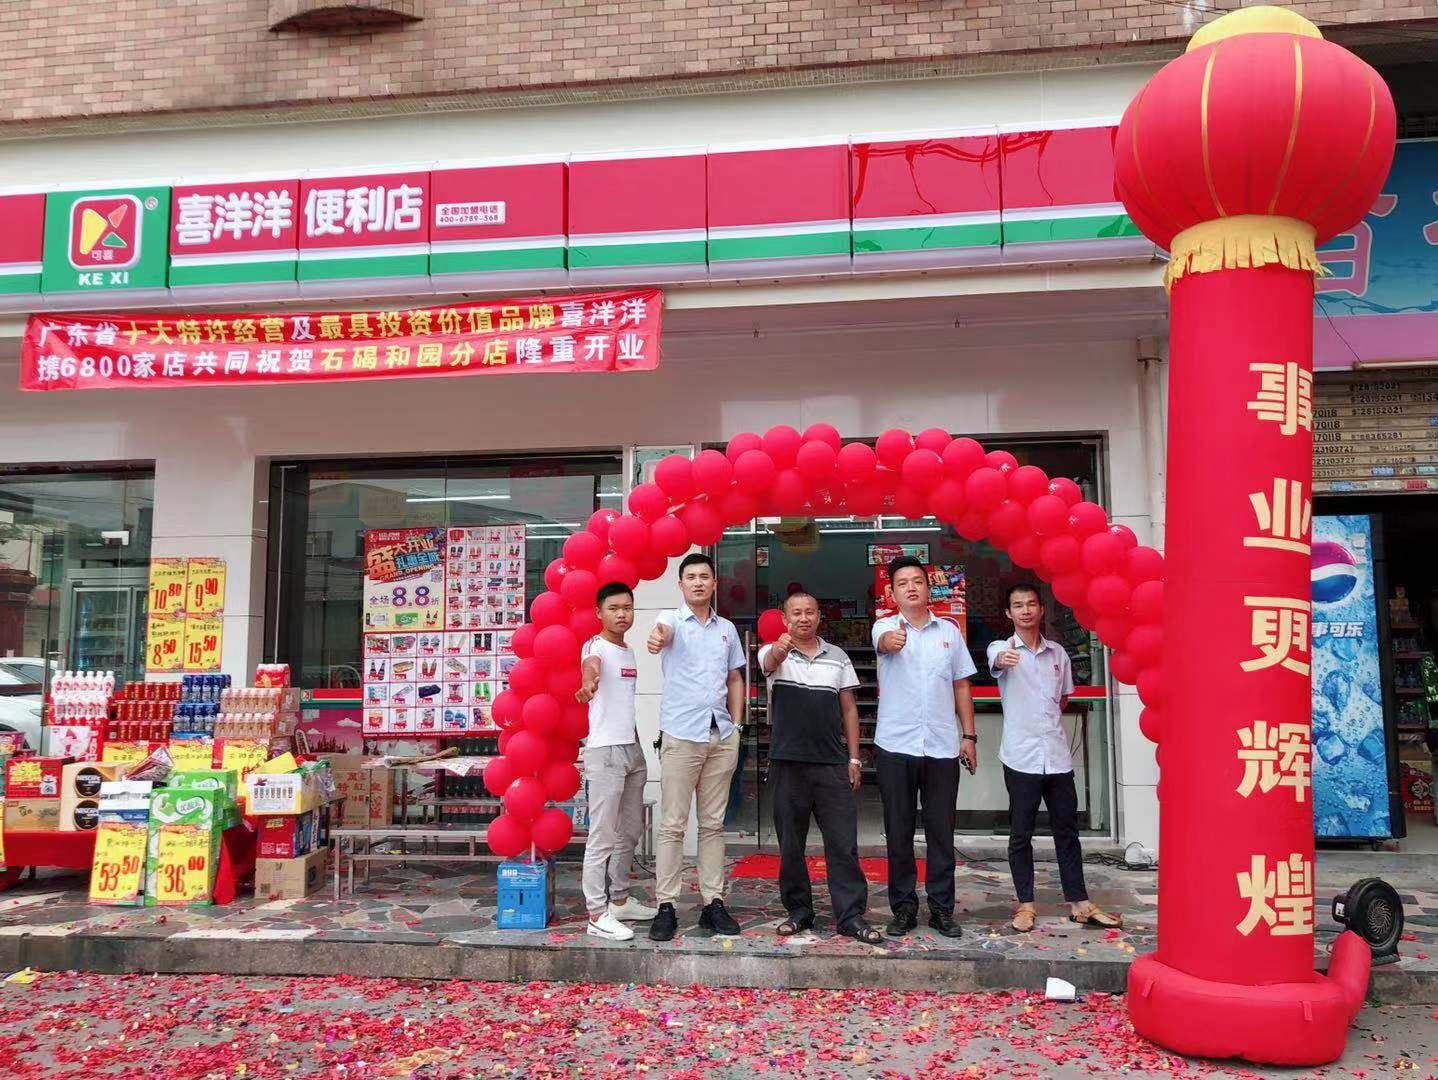 喜洋洋便利店石碣和园分店10月26日隆重开业